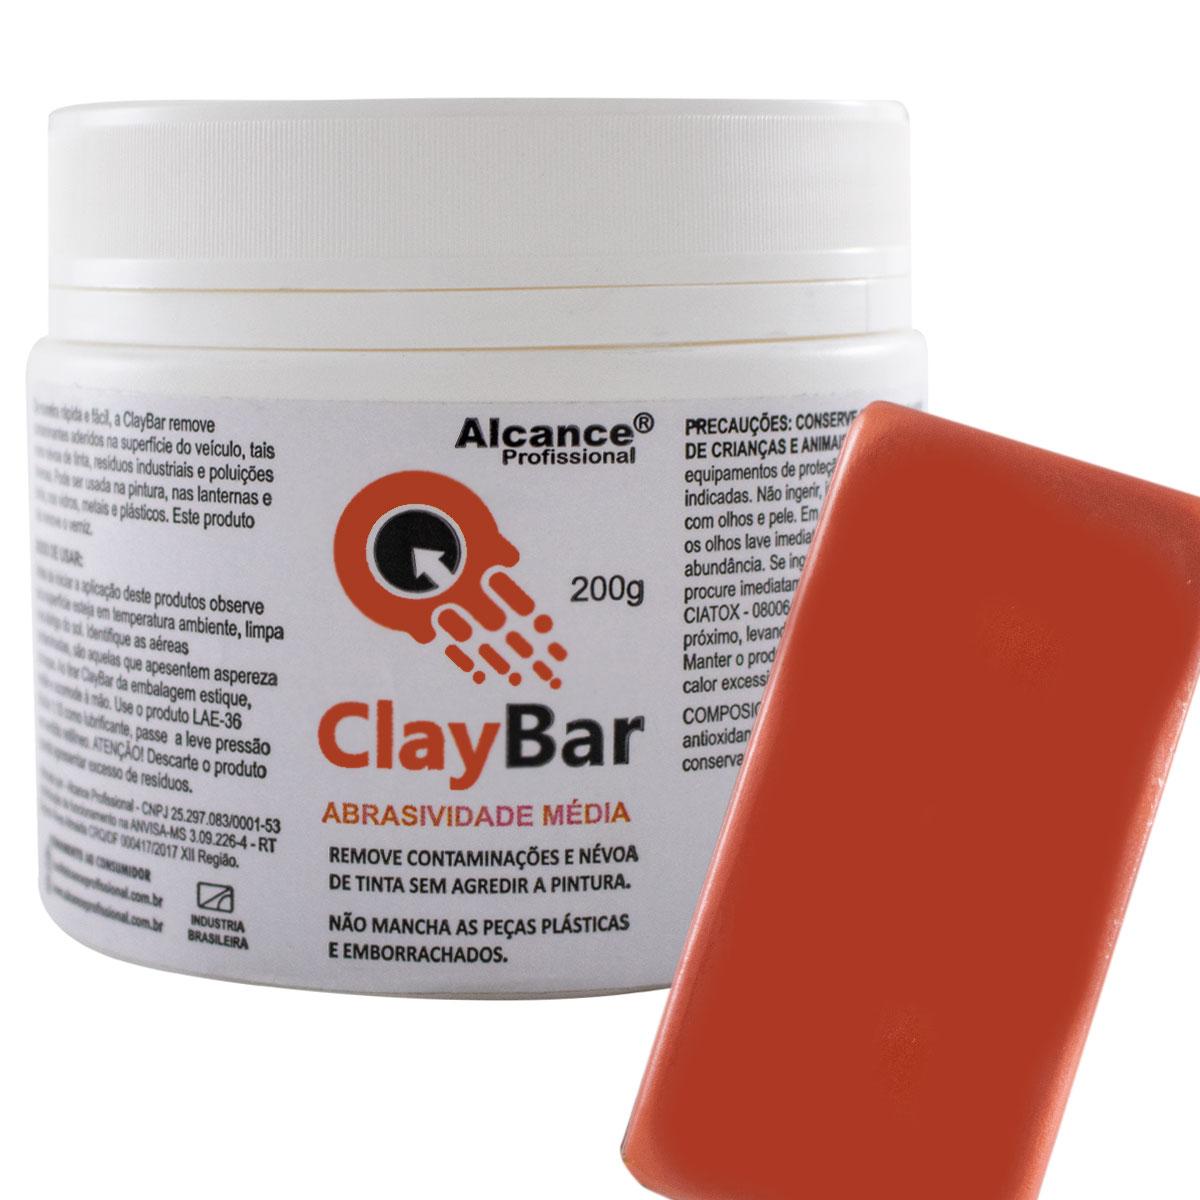 CLAY BAR 200G - ALCANCE PROFISSIONAL